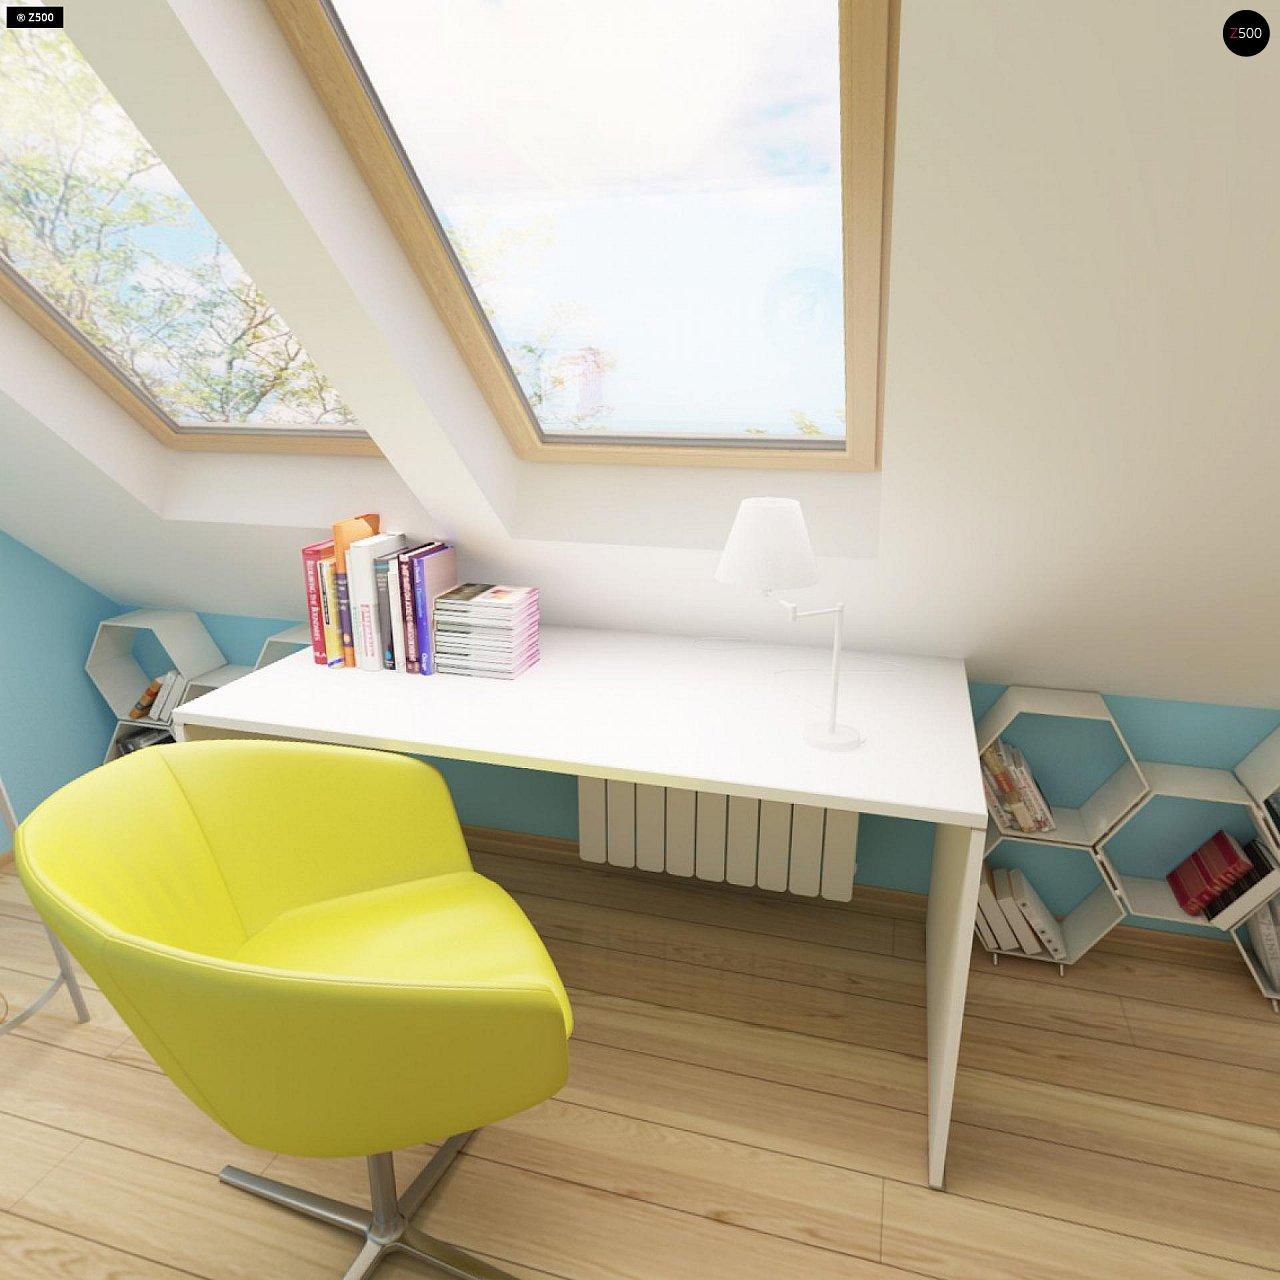 Выгодный и простой в строительстве дом с эркером в дневной зоне. 9